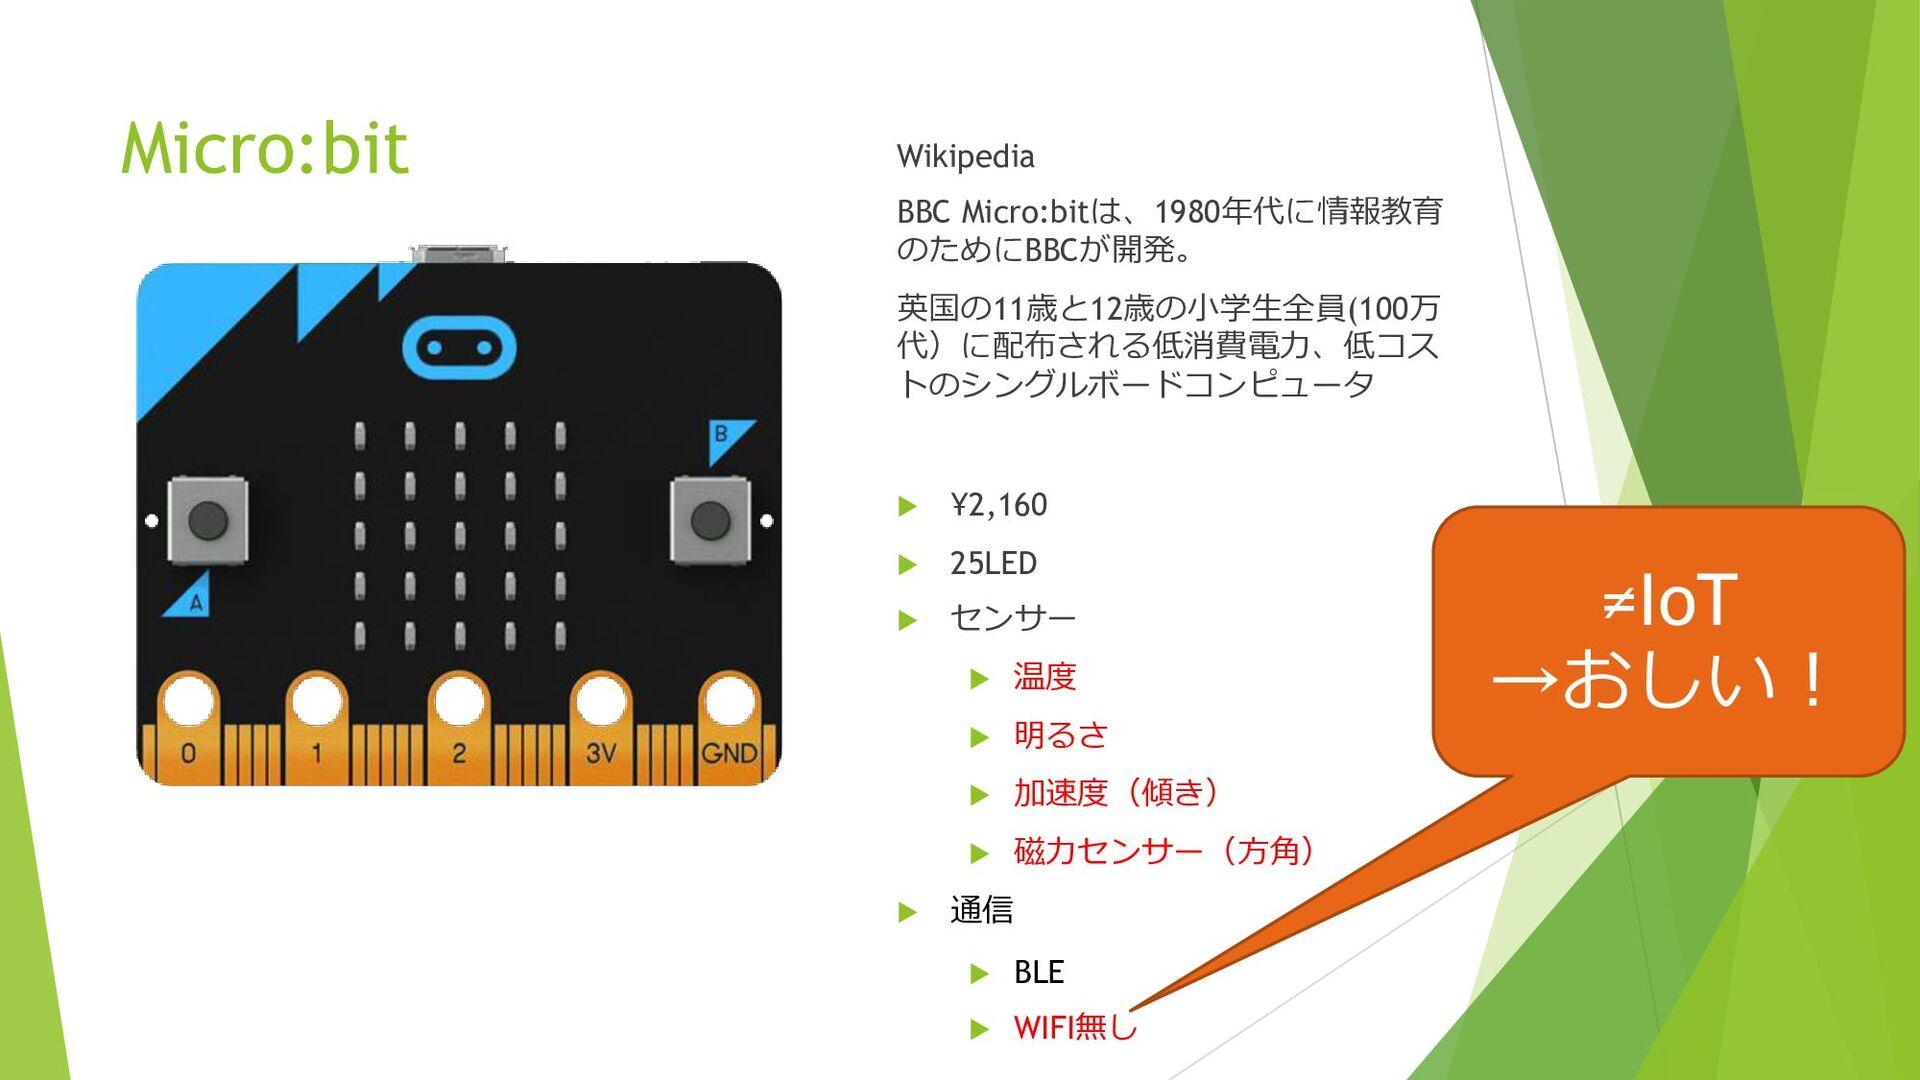 自己紹介 新井孔明 ファミリ向けIoTを中心に活動 IoT自動 ドア IoT- ARMS